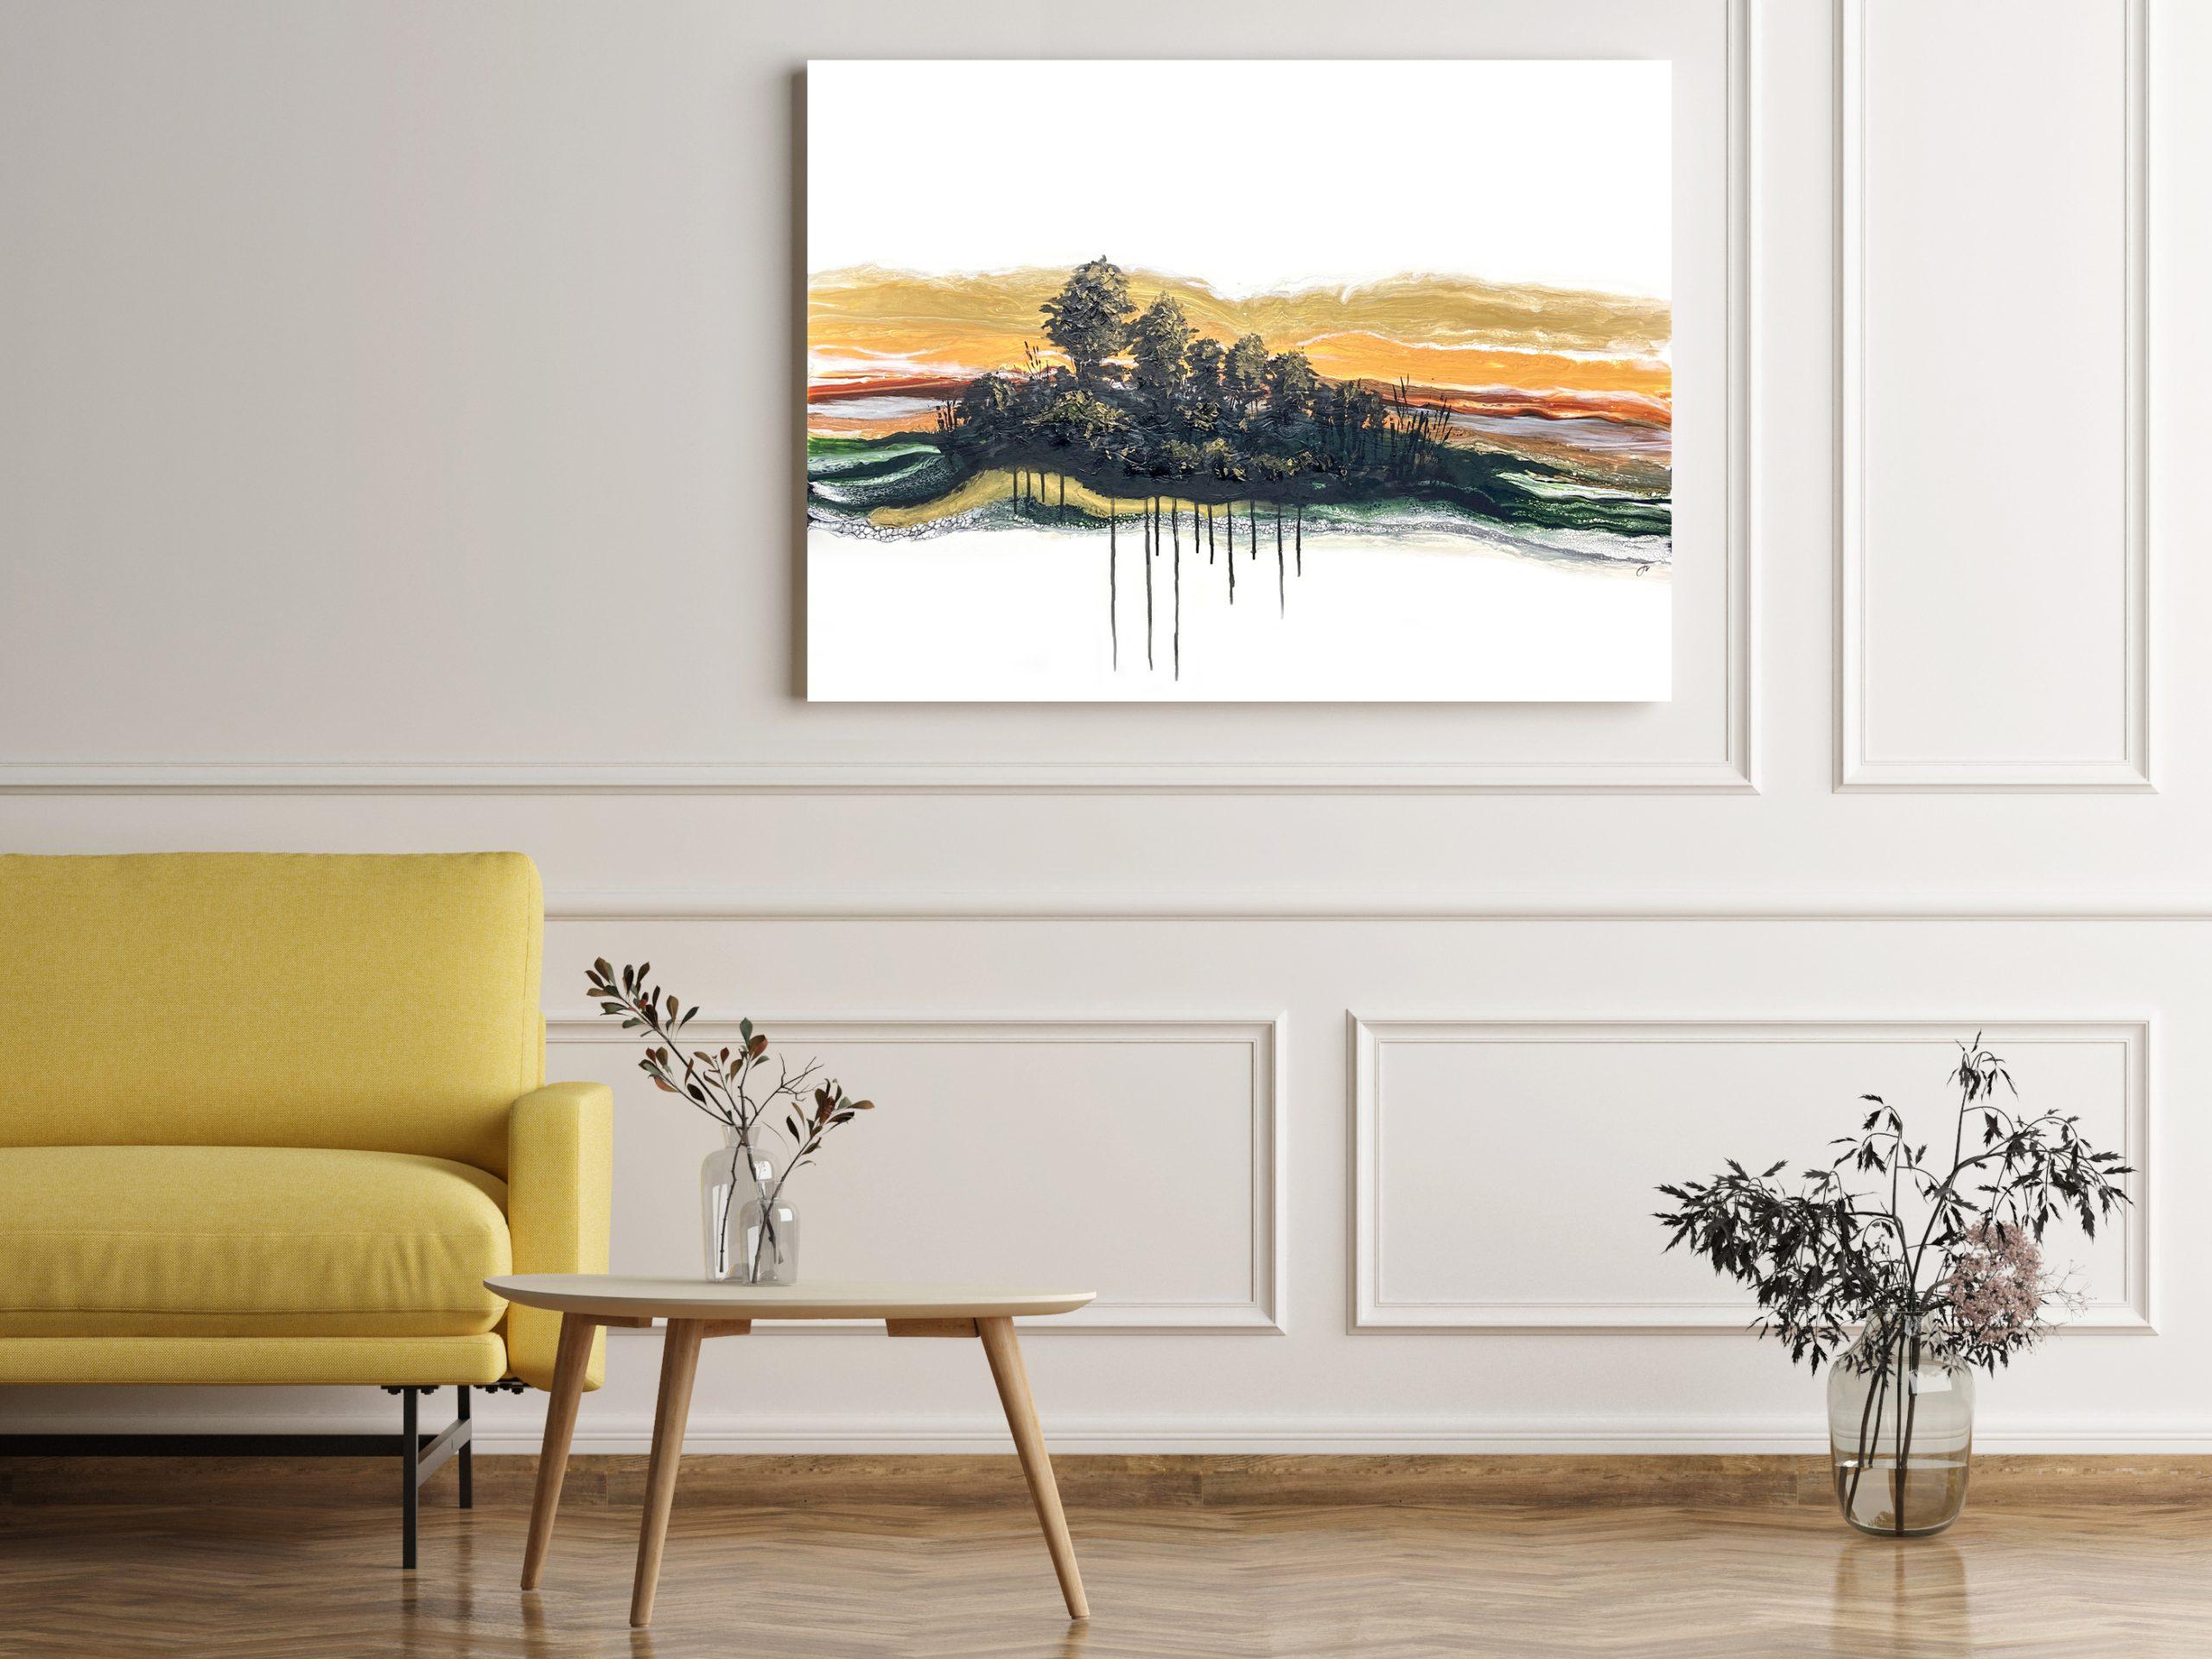 Darkened Wood by Julie Vatcher Artist